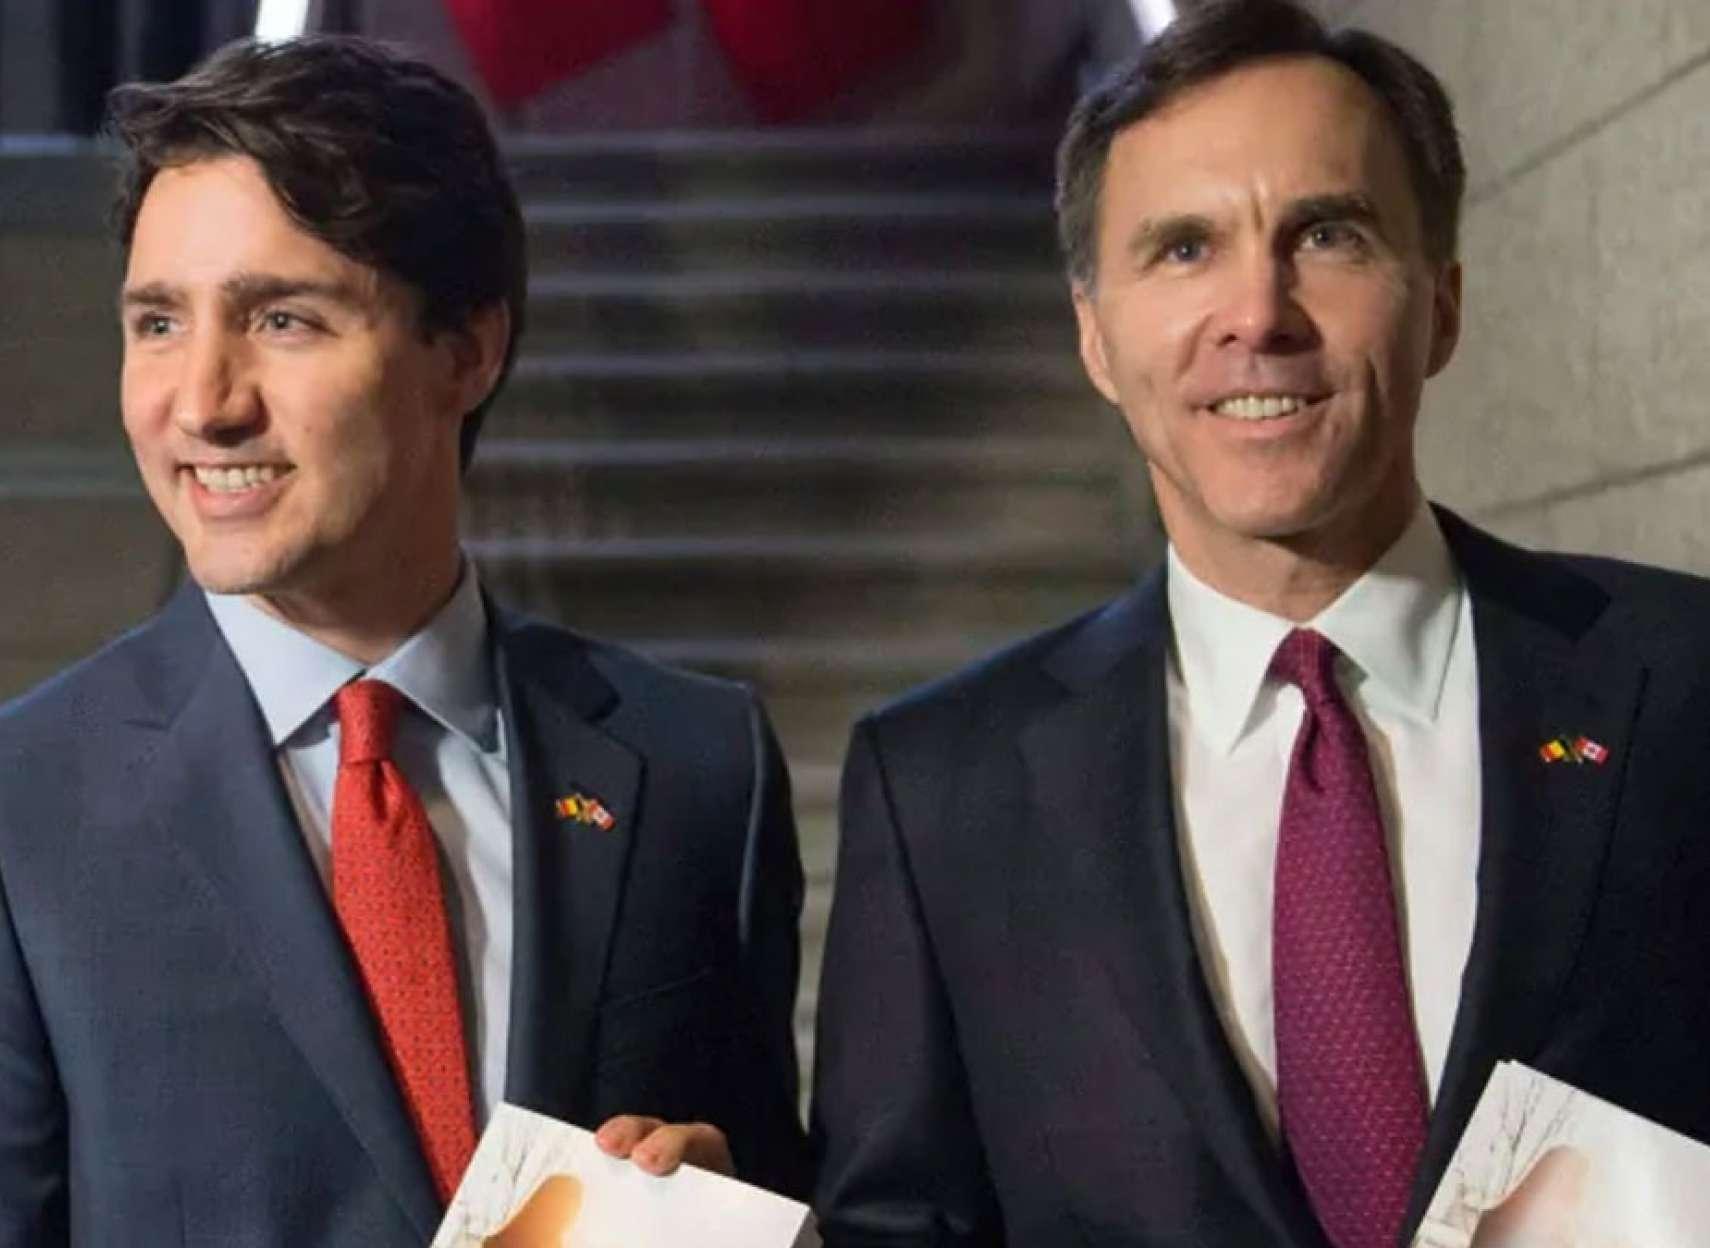 اخبار-کانادا-پس-از-فشارهای-فراوان-وزیر-دارایی-کانادا-استعفا-کرد